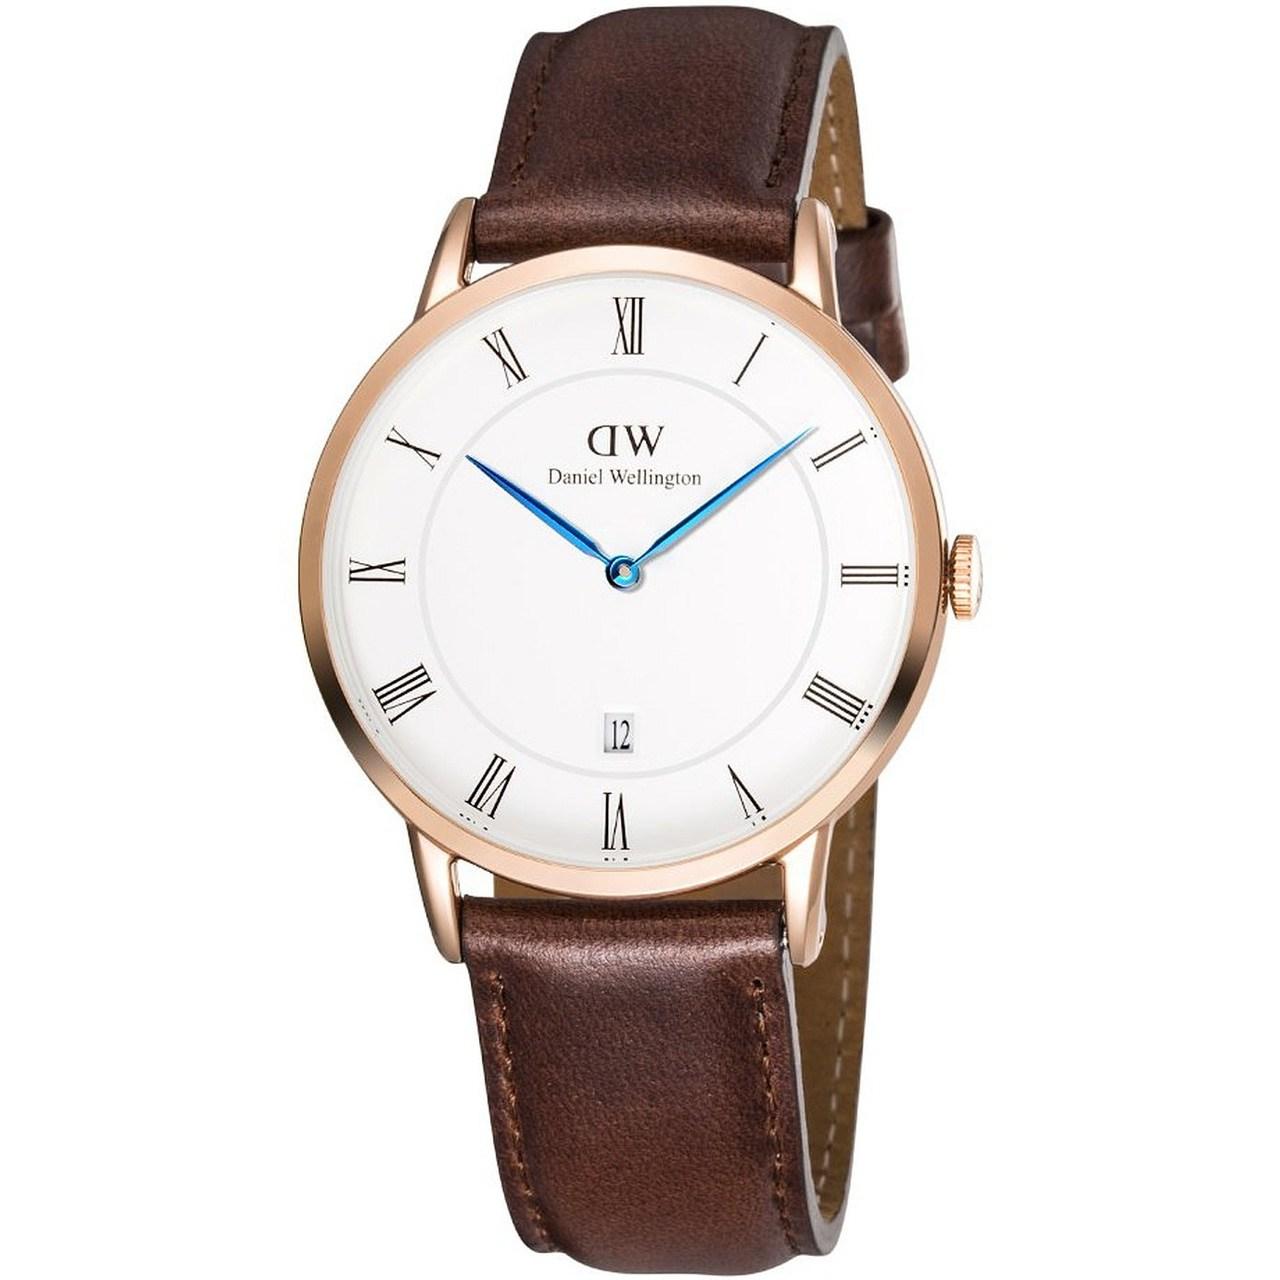 ساعت مچی عقربه ای مردانه دنیل ولینگتون مدل DW00100083              خرید (⭐️⭐️⭐️)